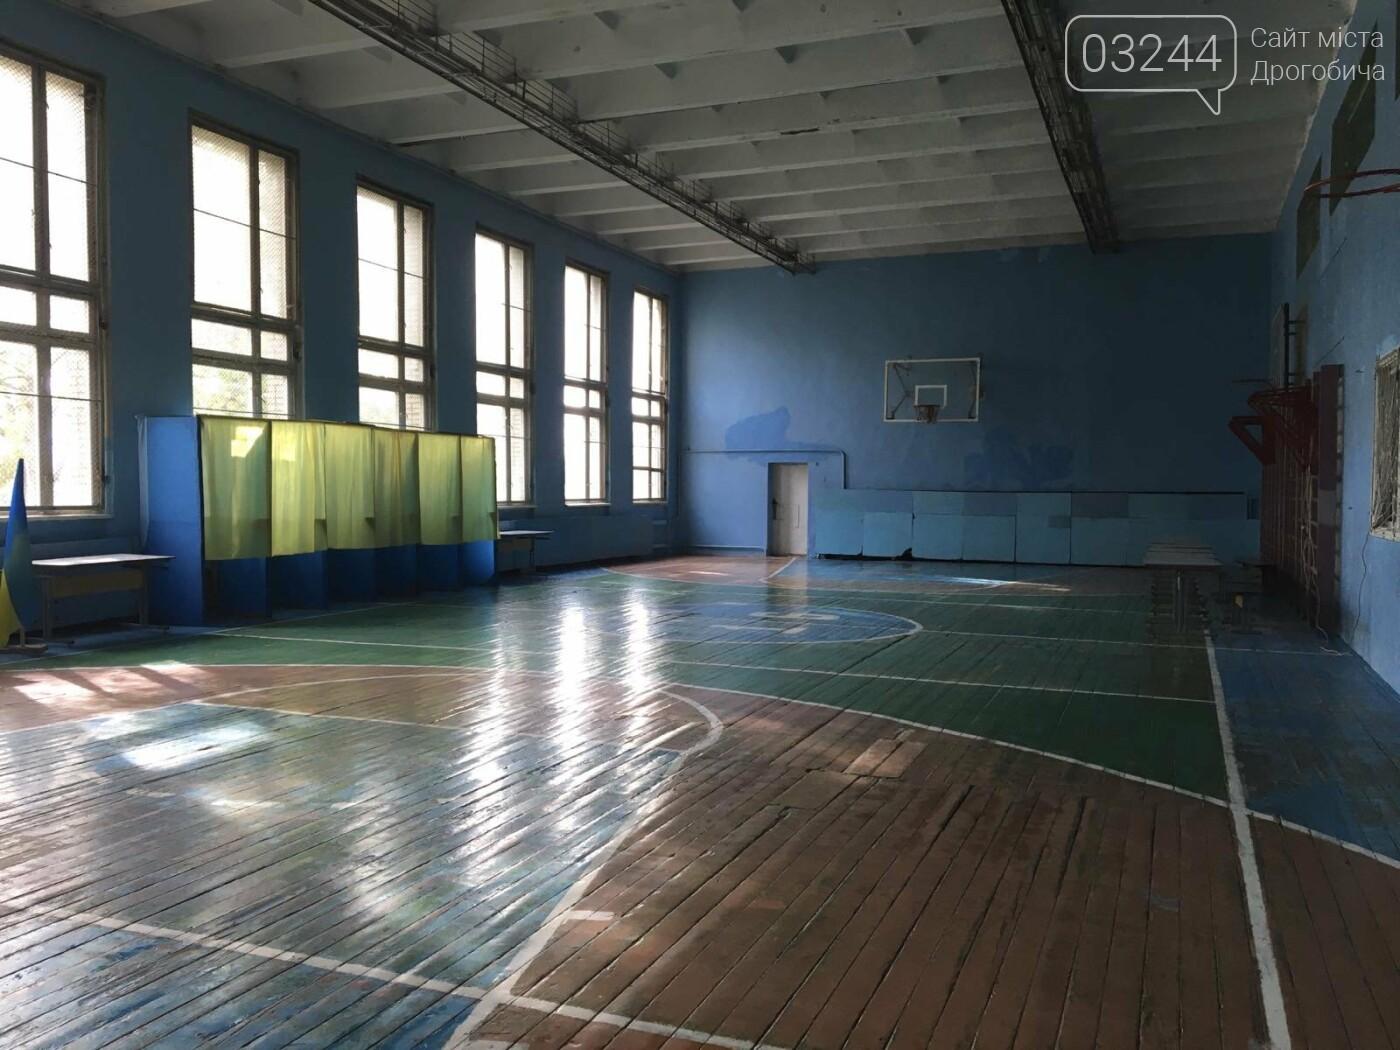 До виборів готові: на дільницях Дрогобича встановили кабінки та урни і завезли бюлетені, - ВІДЕО, ФОТО, фото-4